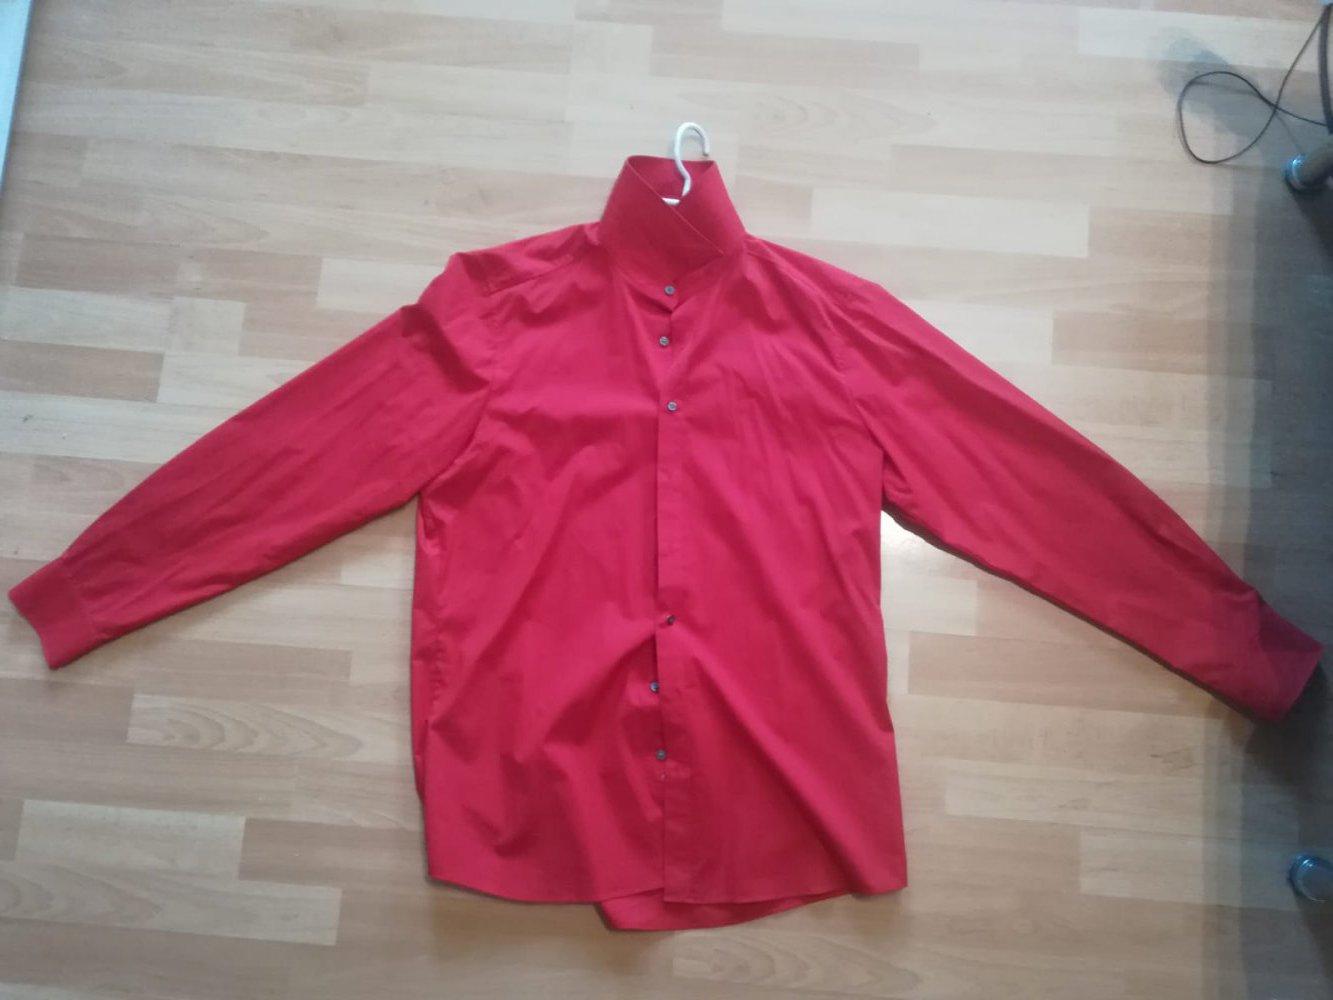 9ee5b26c612b Olymp - Rotes Hemd    Kleiderkorb.de